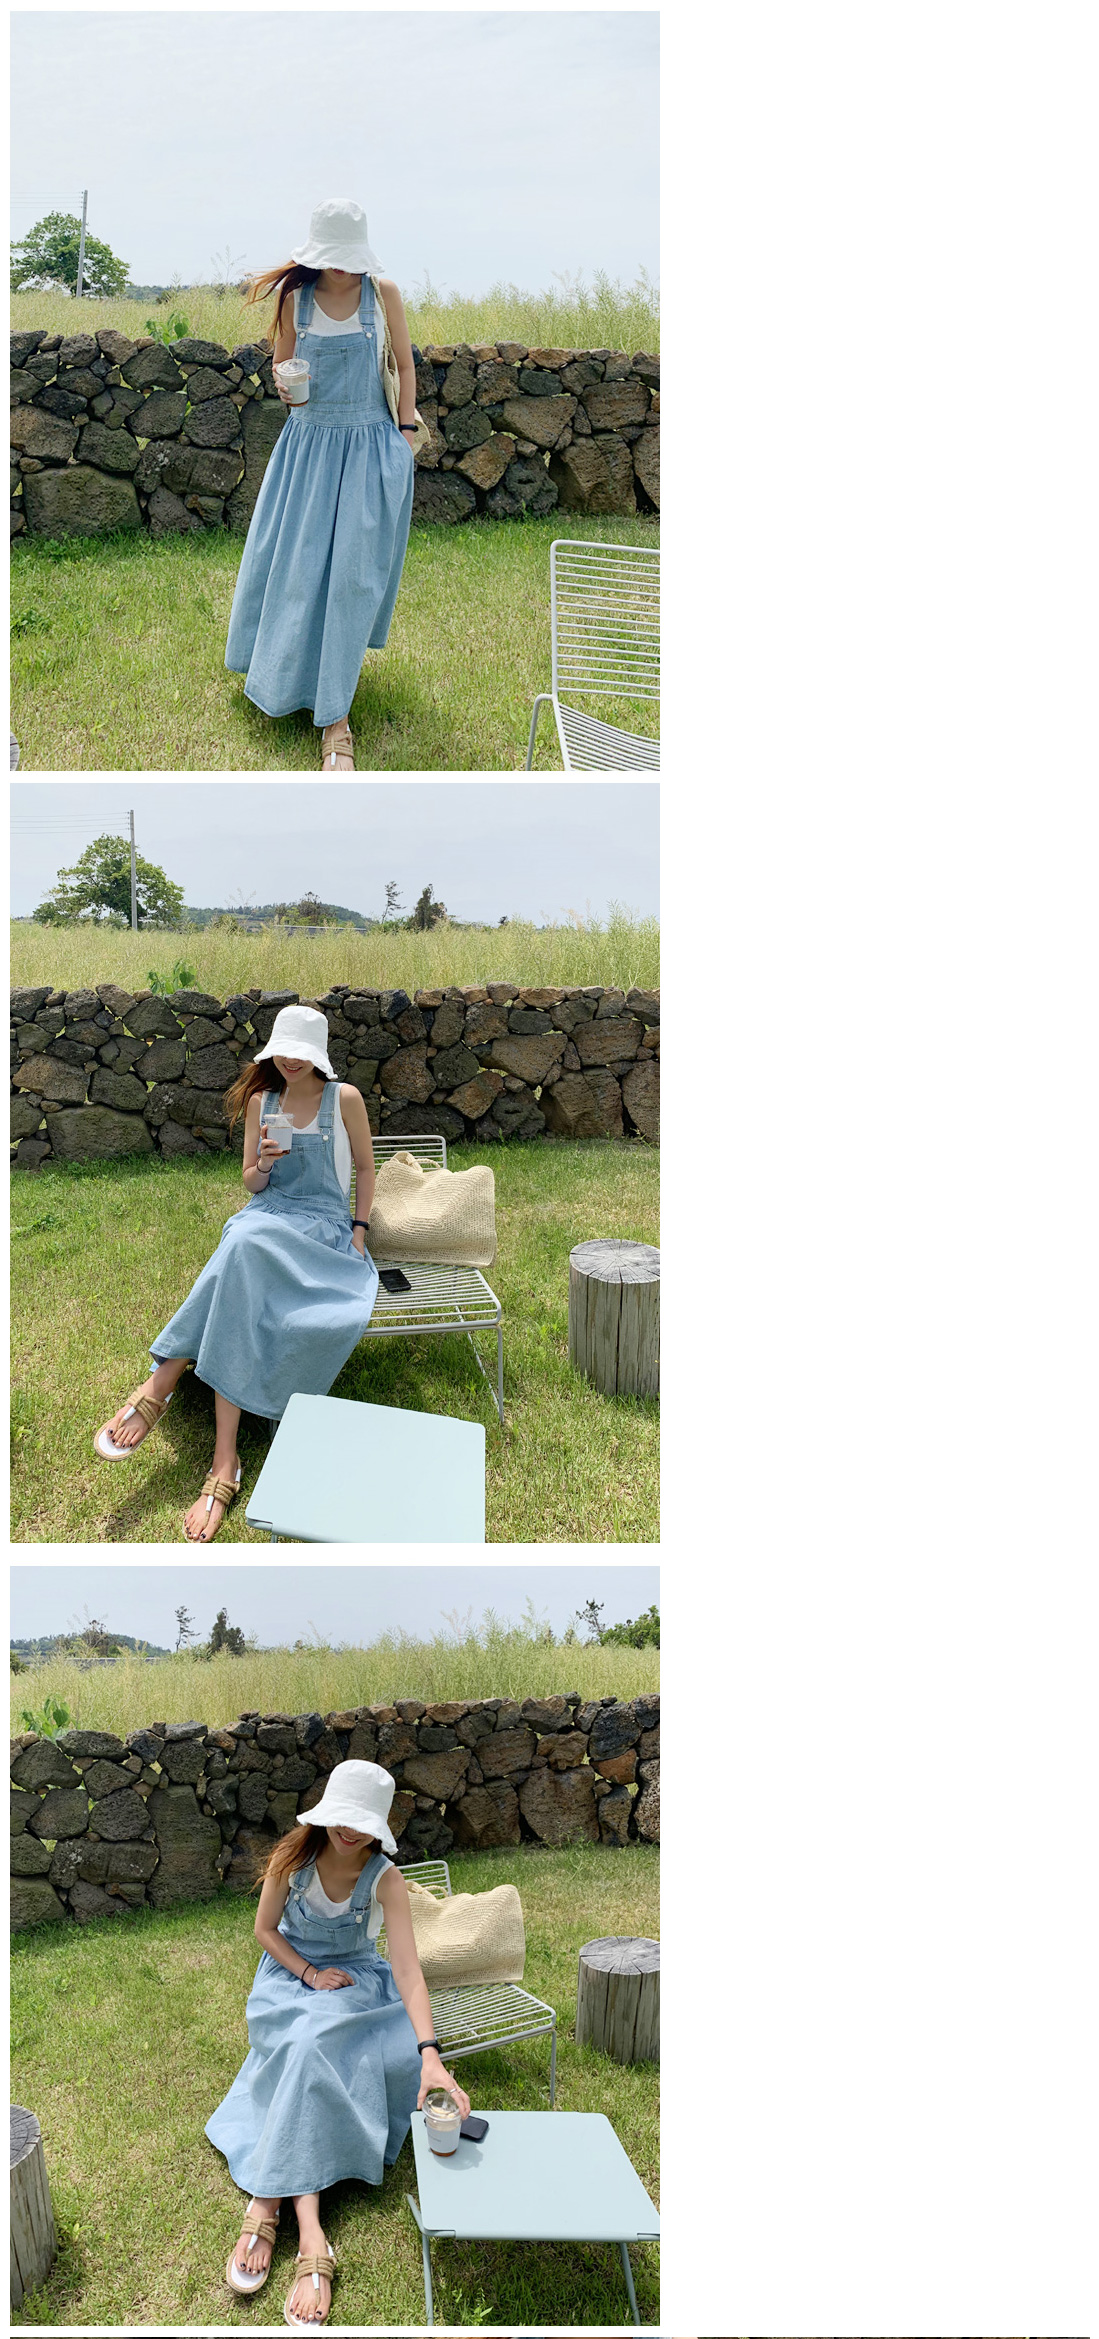 限定特價 / 牛仔背心裙  韓系 性感時尚代表吊帶裙 艾爾莎  【TLS00323】